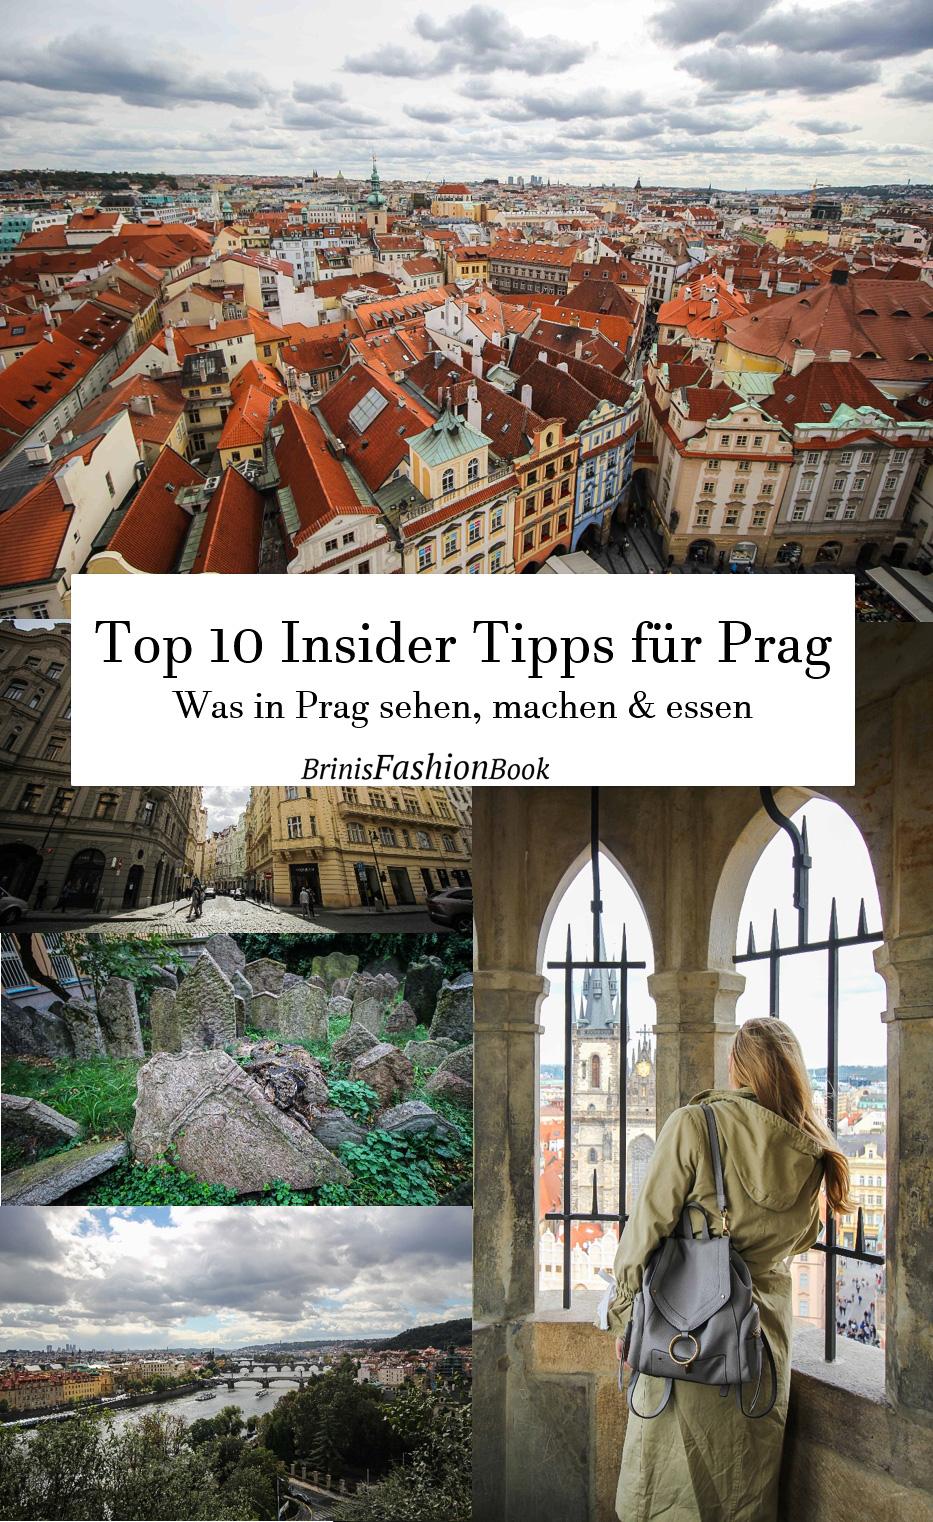 Top 10 Tipps Kurztrip Prag Sehenswürdigkeiten Prag Insidertipps Tschechien Reiseblog